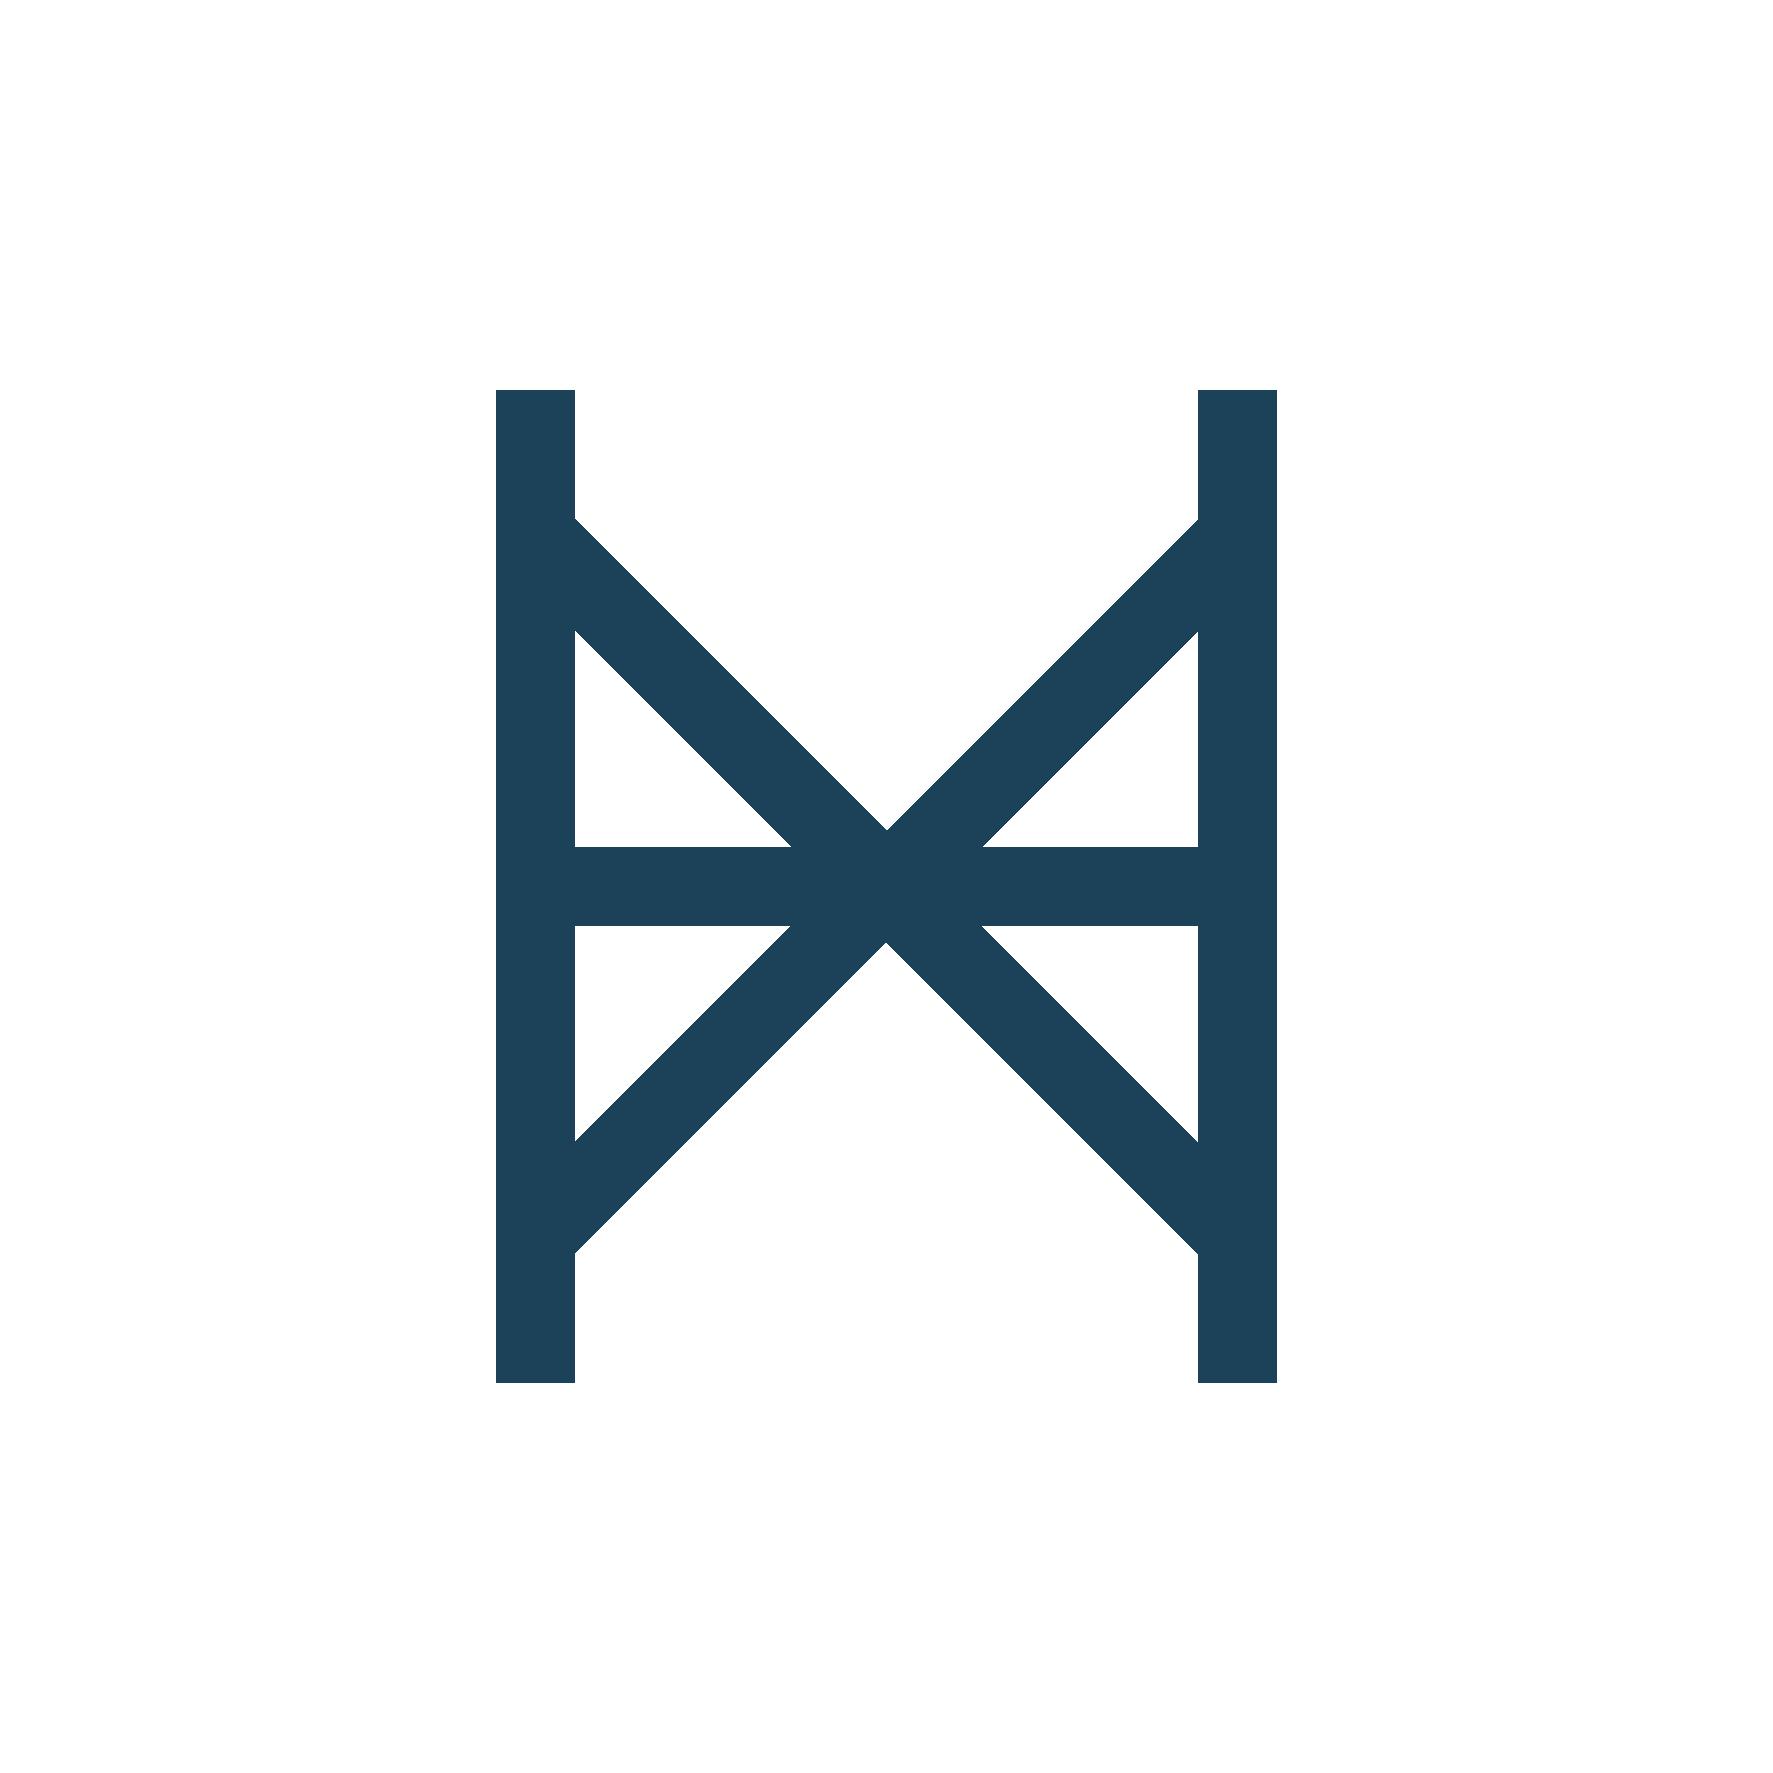 fg_hymagasinet_logo_symbol_bla_v_v